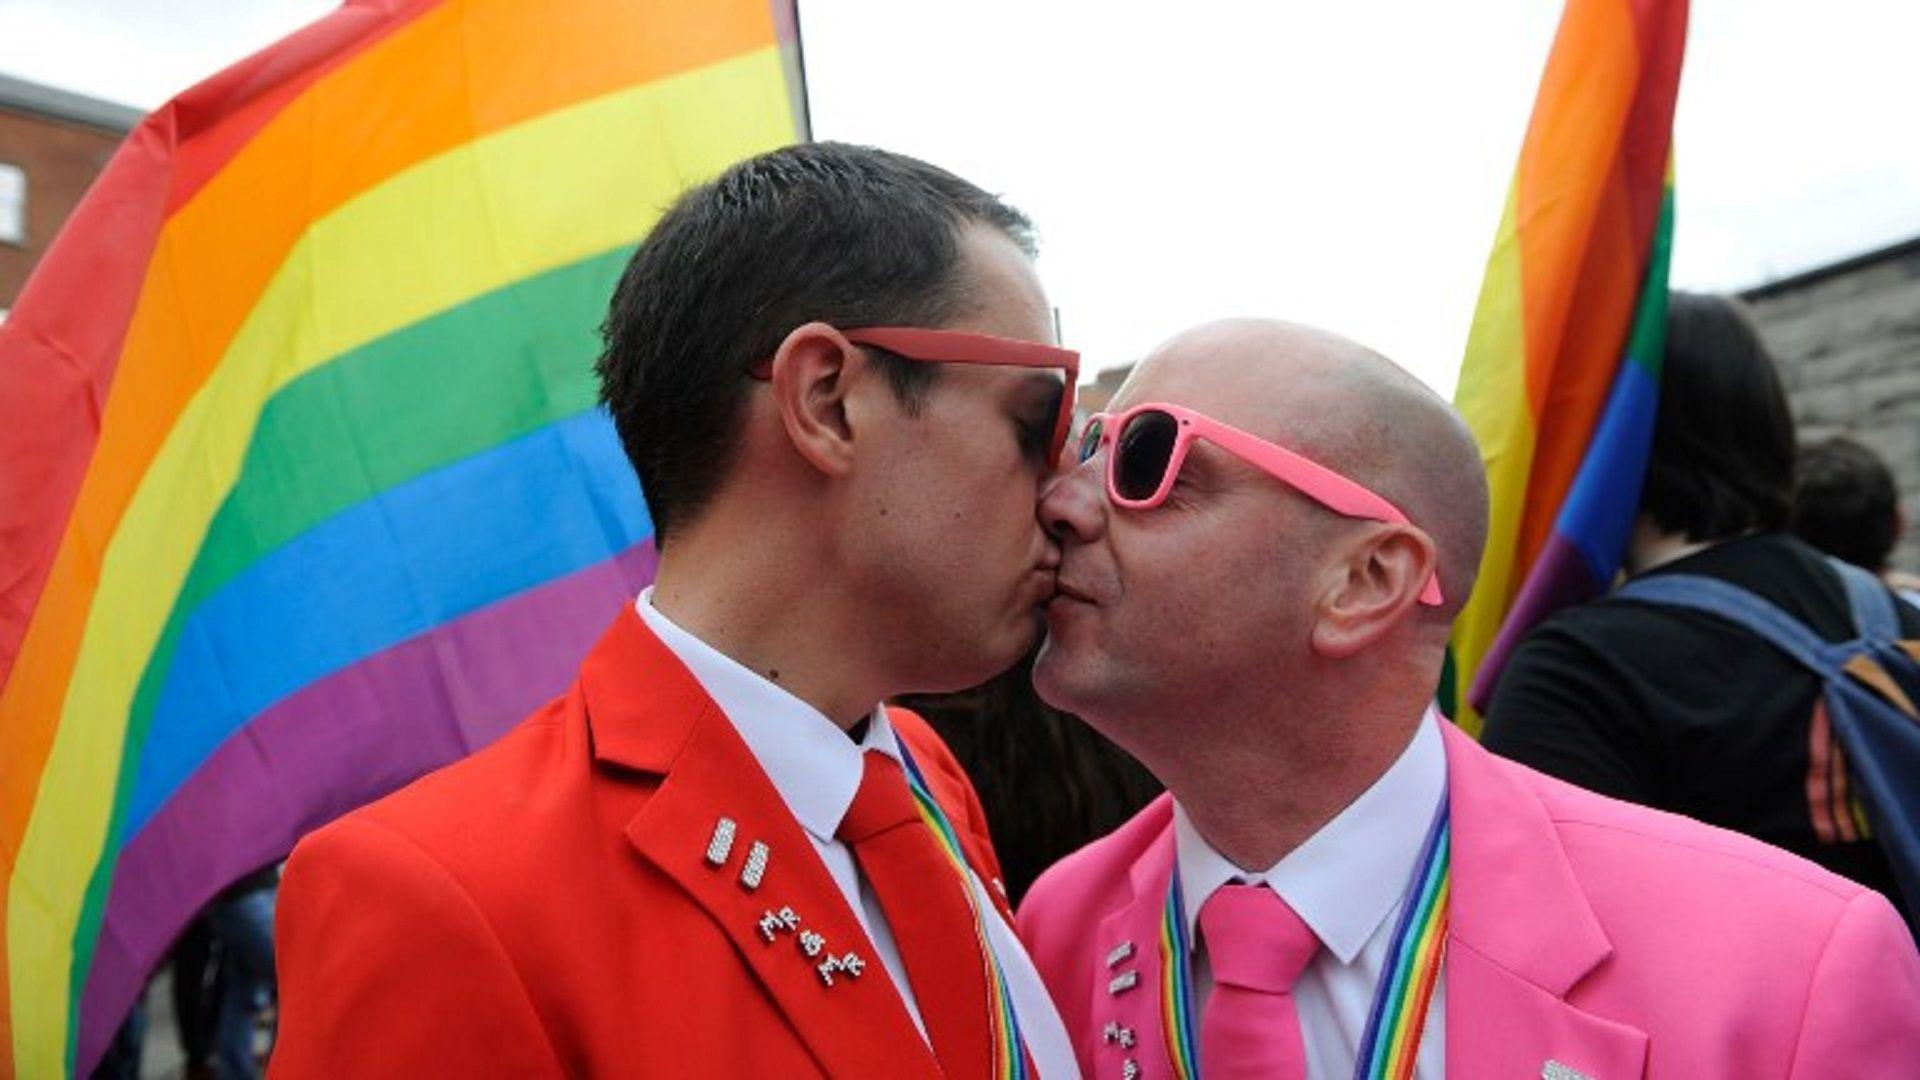 El matrimonio igualitario ya es legal en las Islas Malvinas